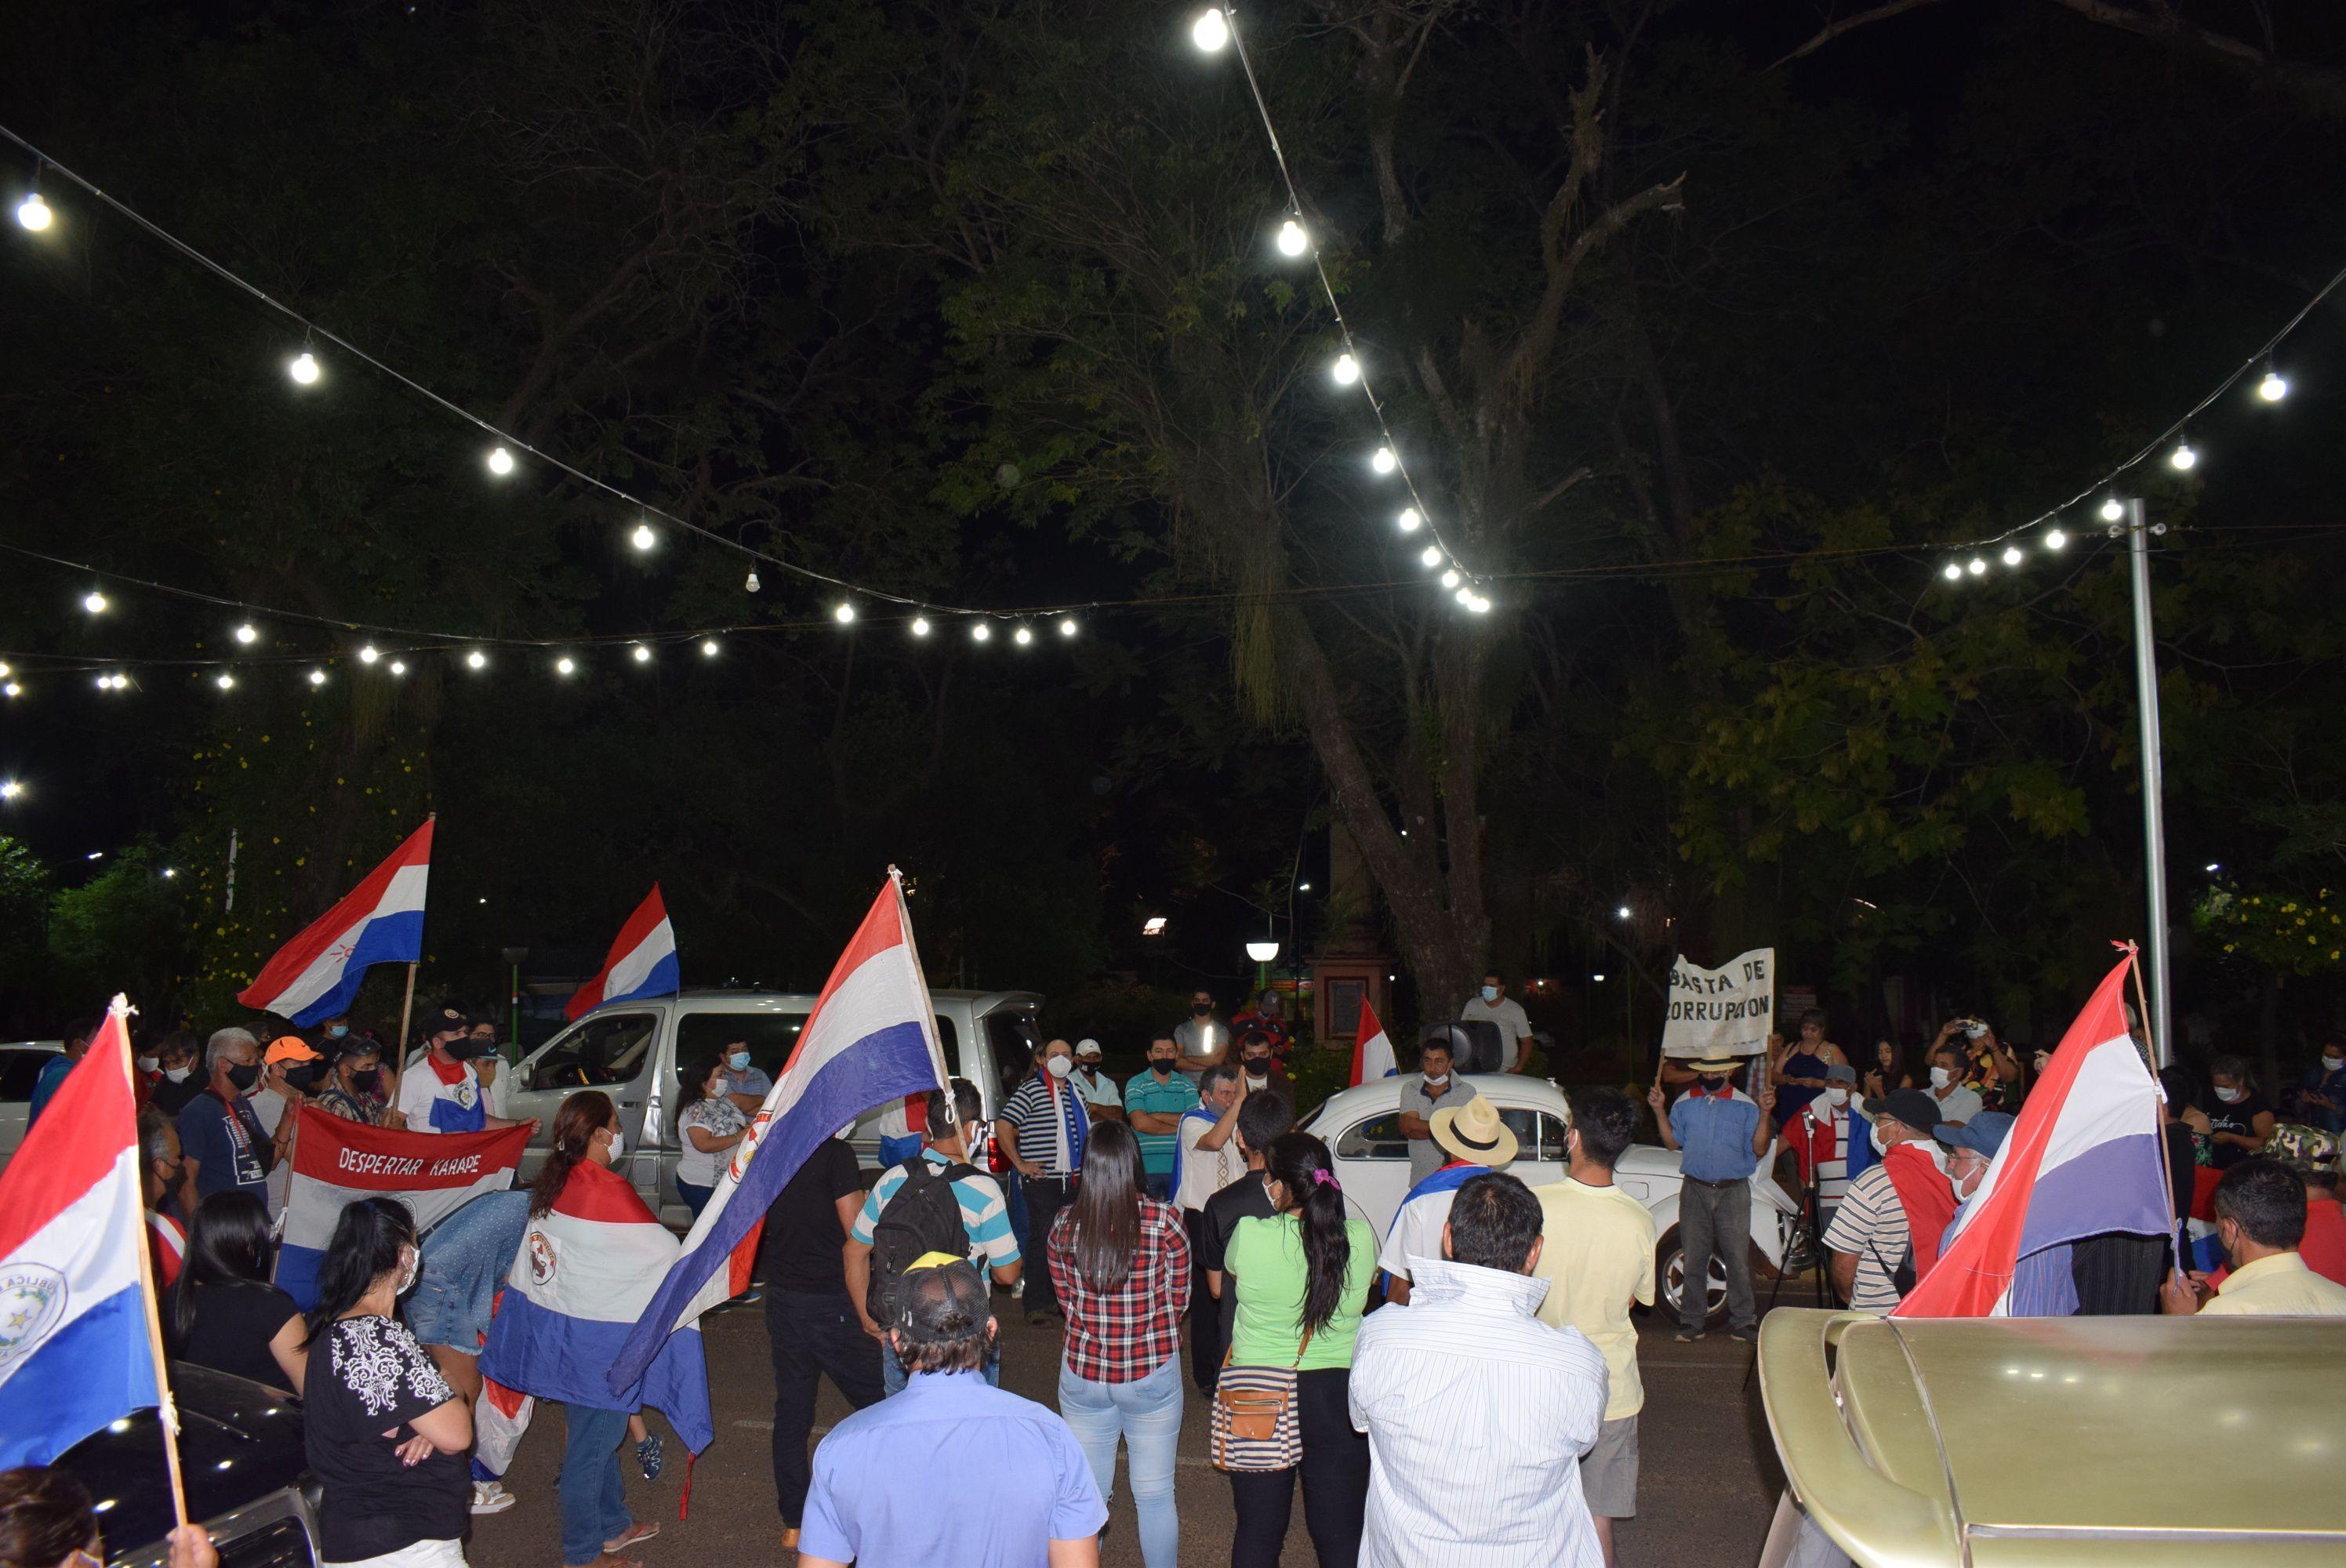 La concentración se realizó en la Plaza Gral.Eduvigis Díaz luego marcharon por ruta I.